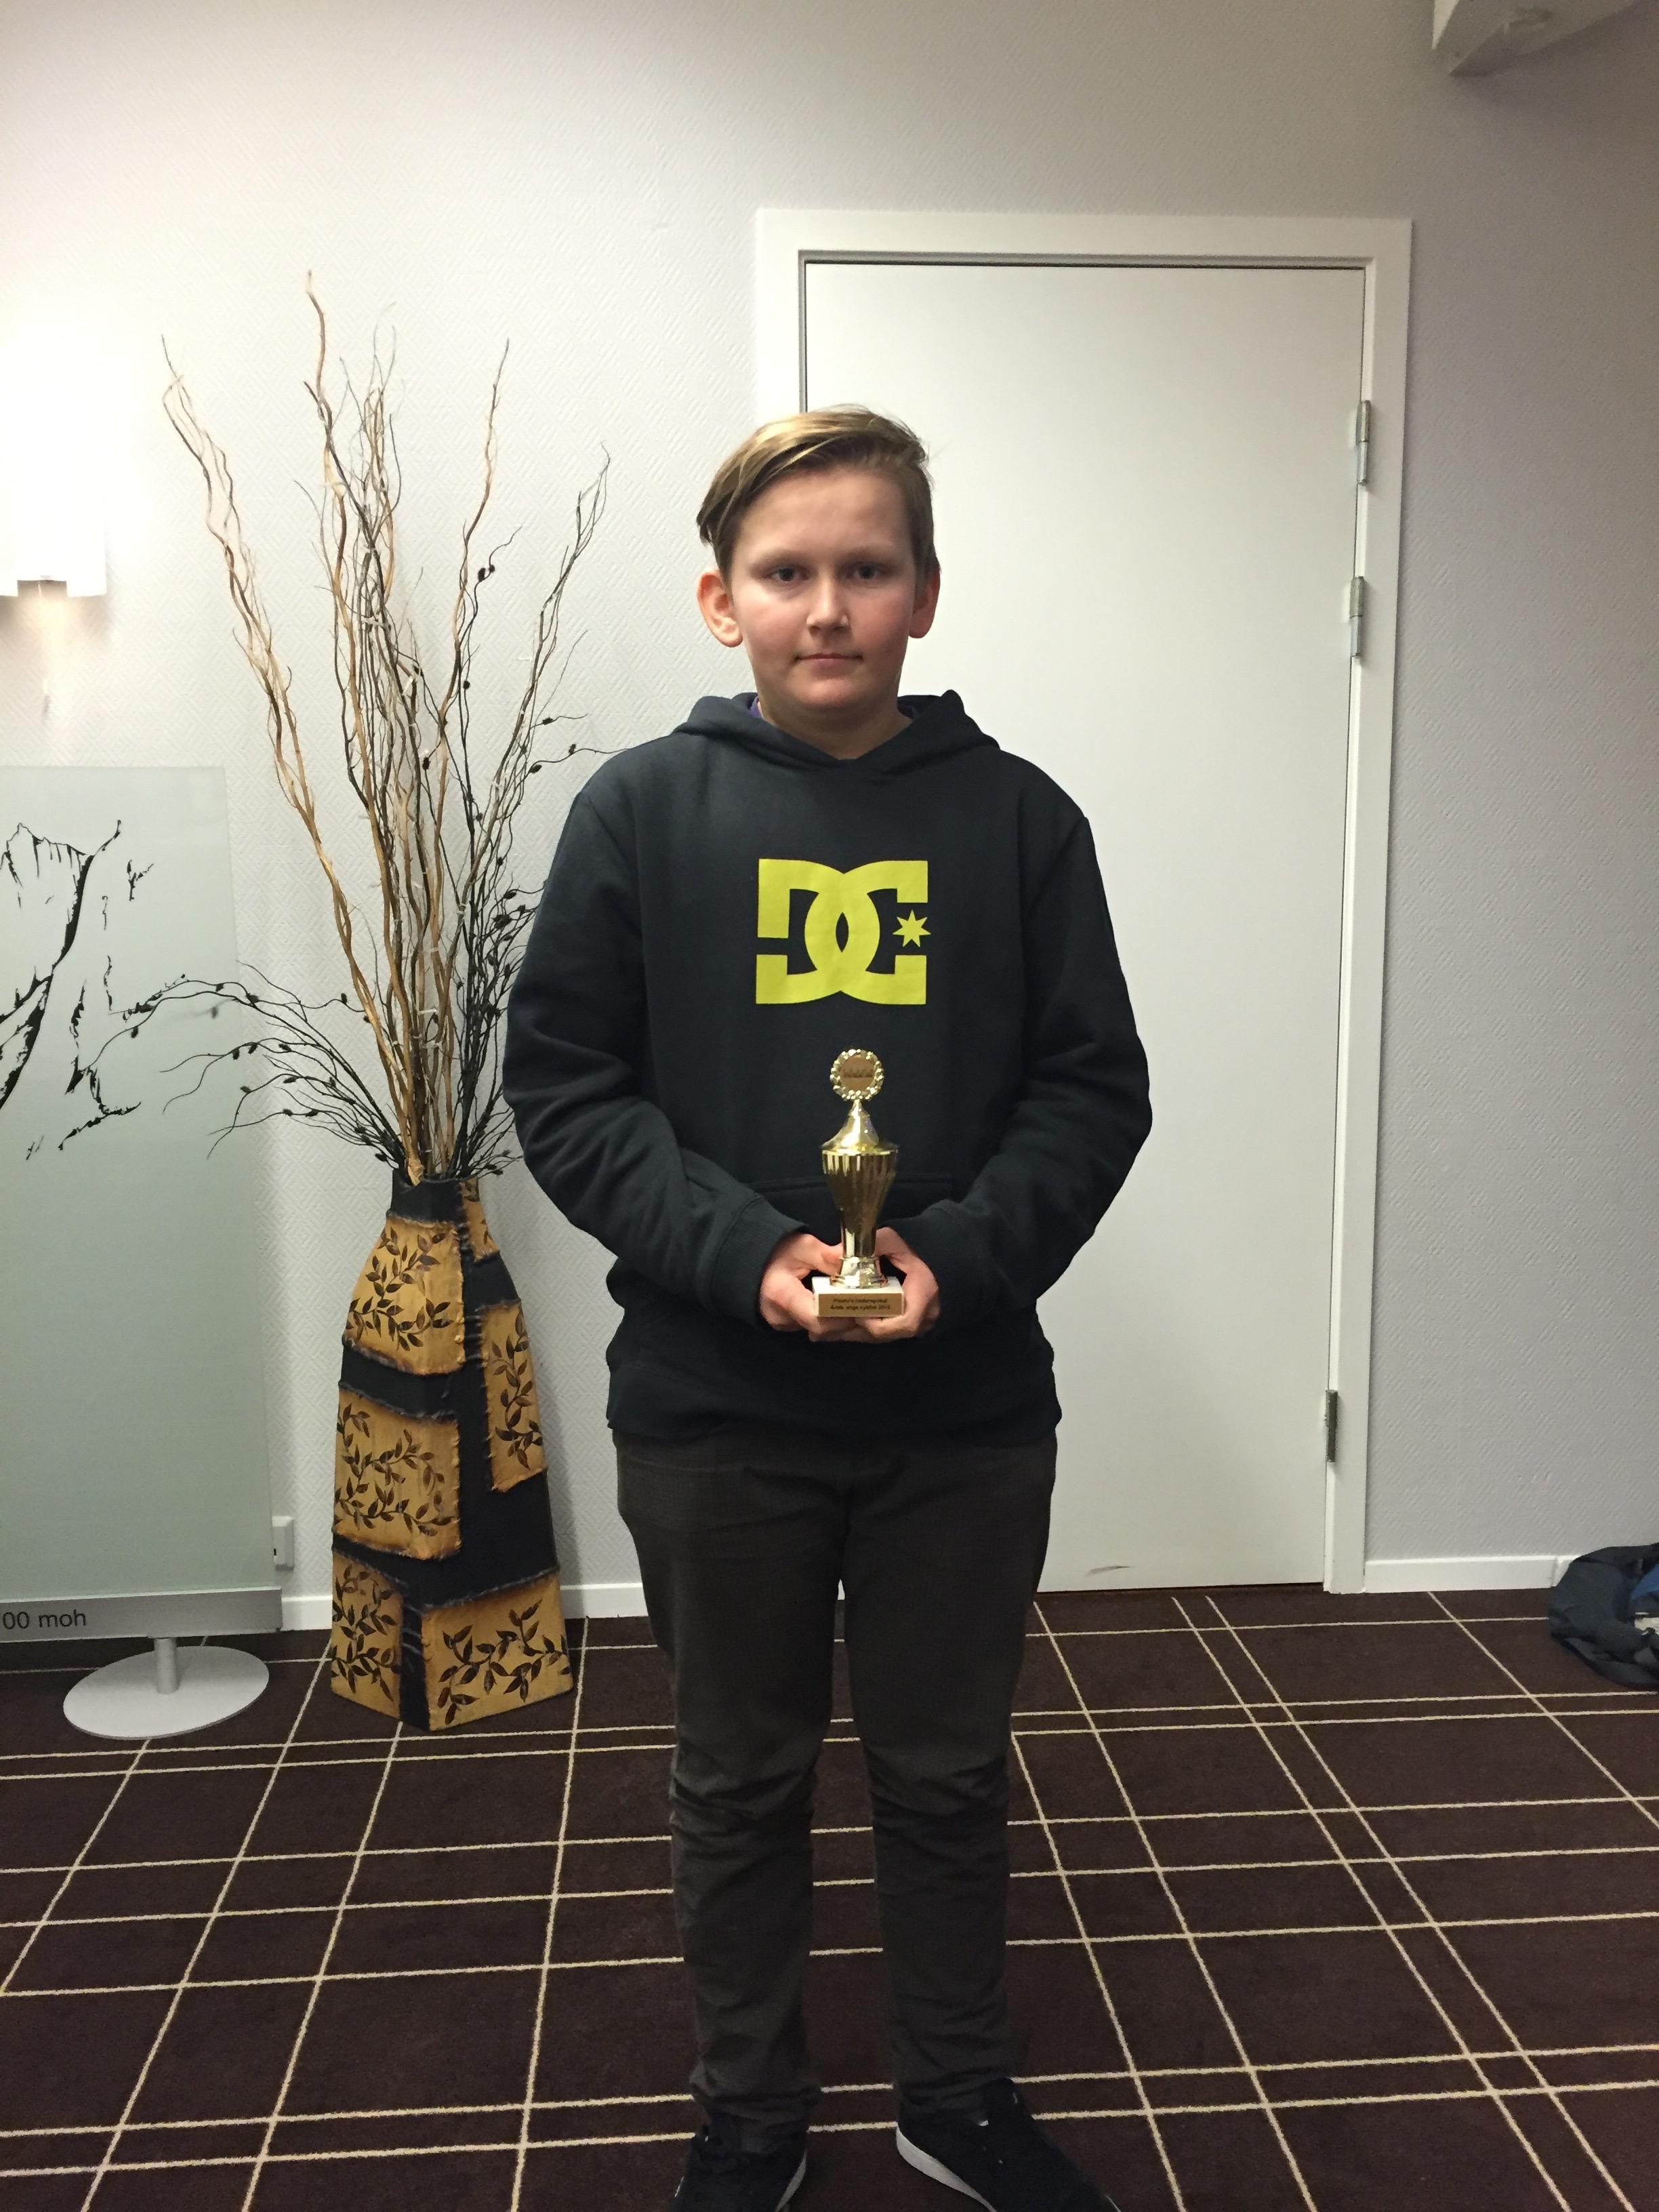 Plasto Hederspokal går for 2015 til Oliver Storbråten. Oliver får pokalen for sin aktive deltakelse i mange ritt i Norge og Sverige.